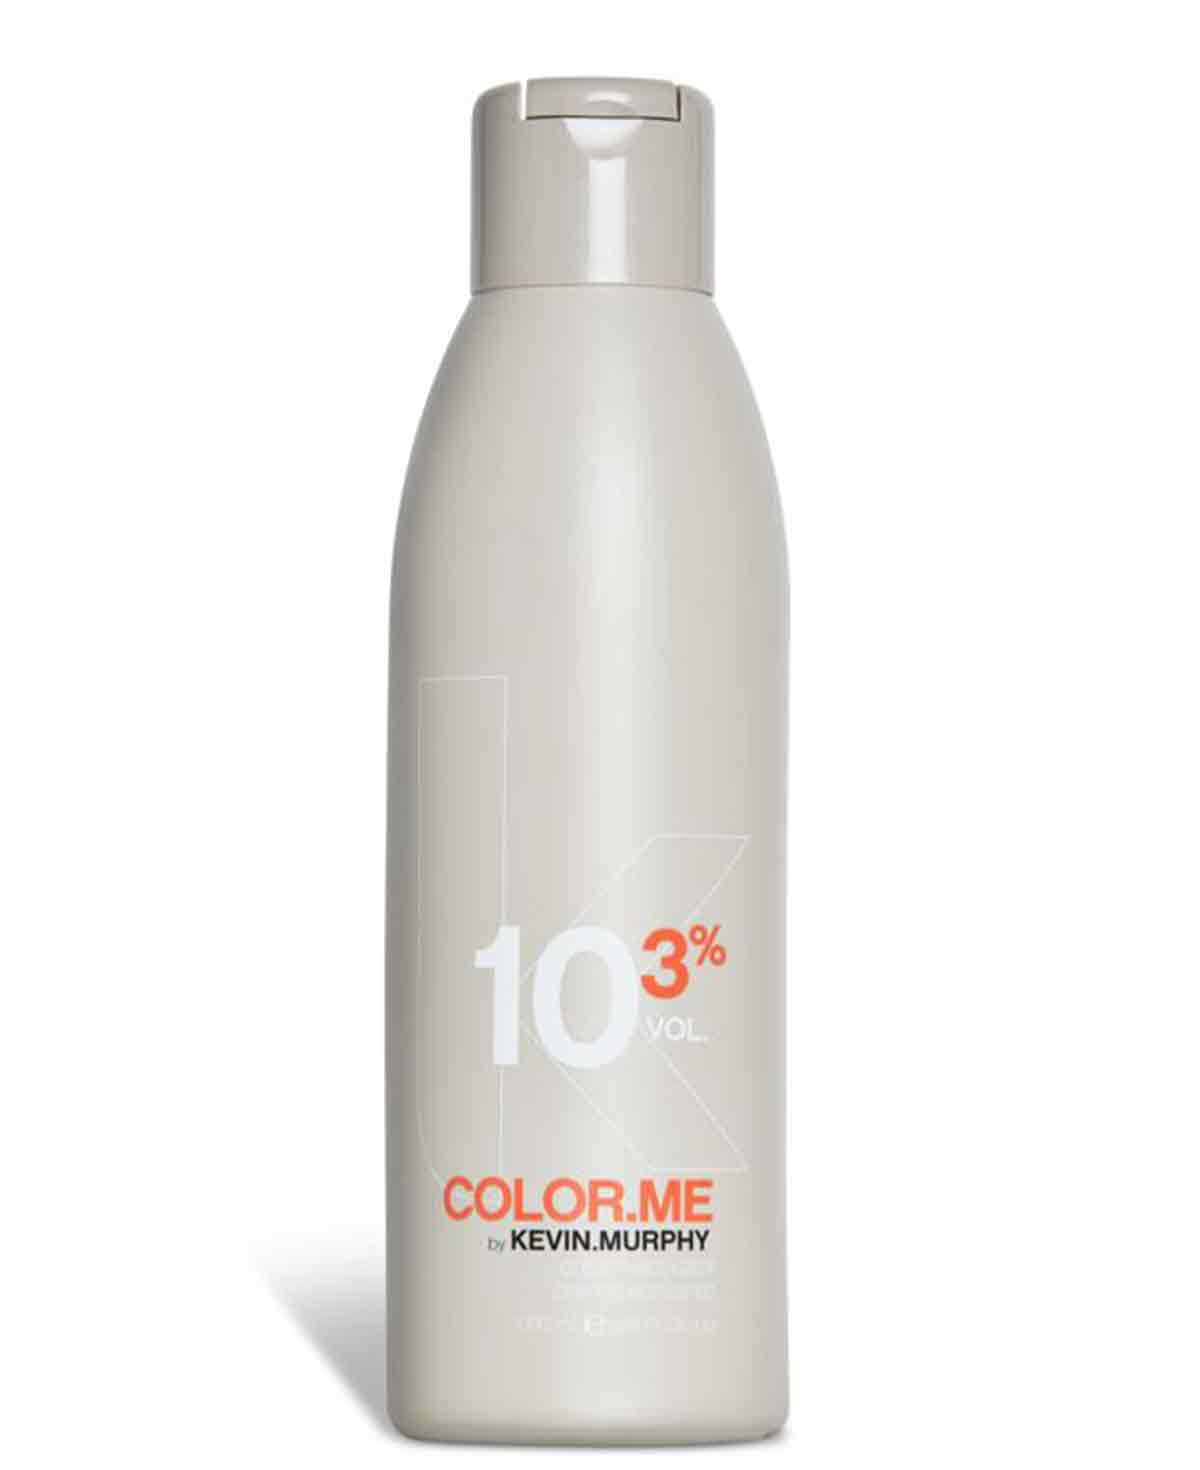 Kevin Murphy color.me 10 Vol. (3%)